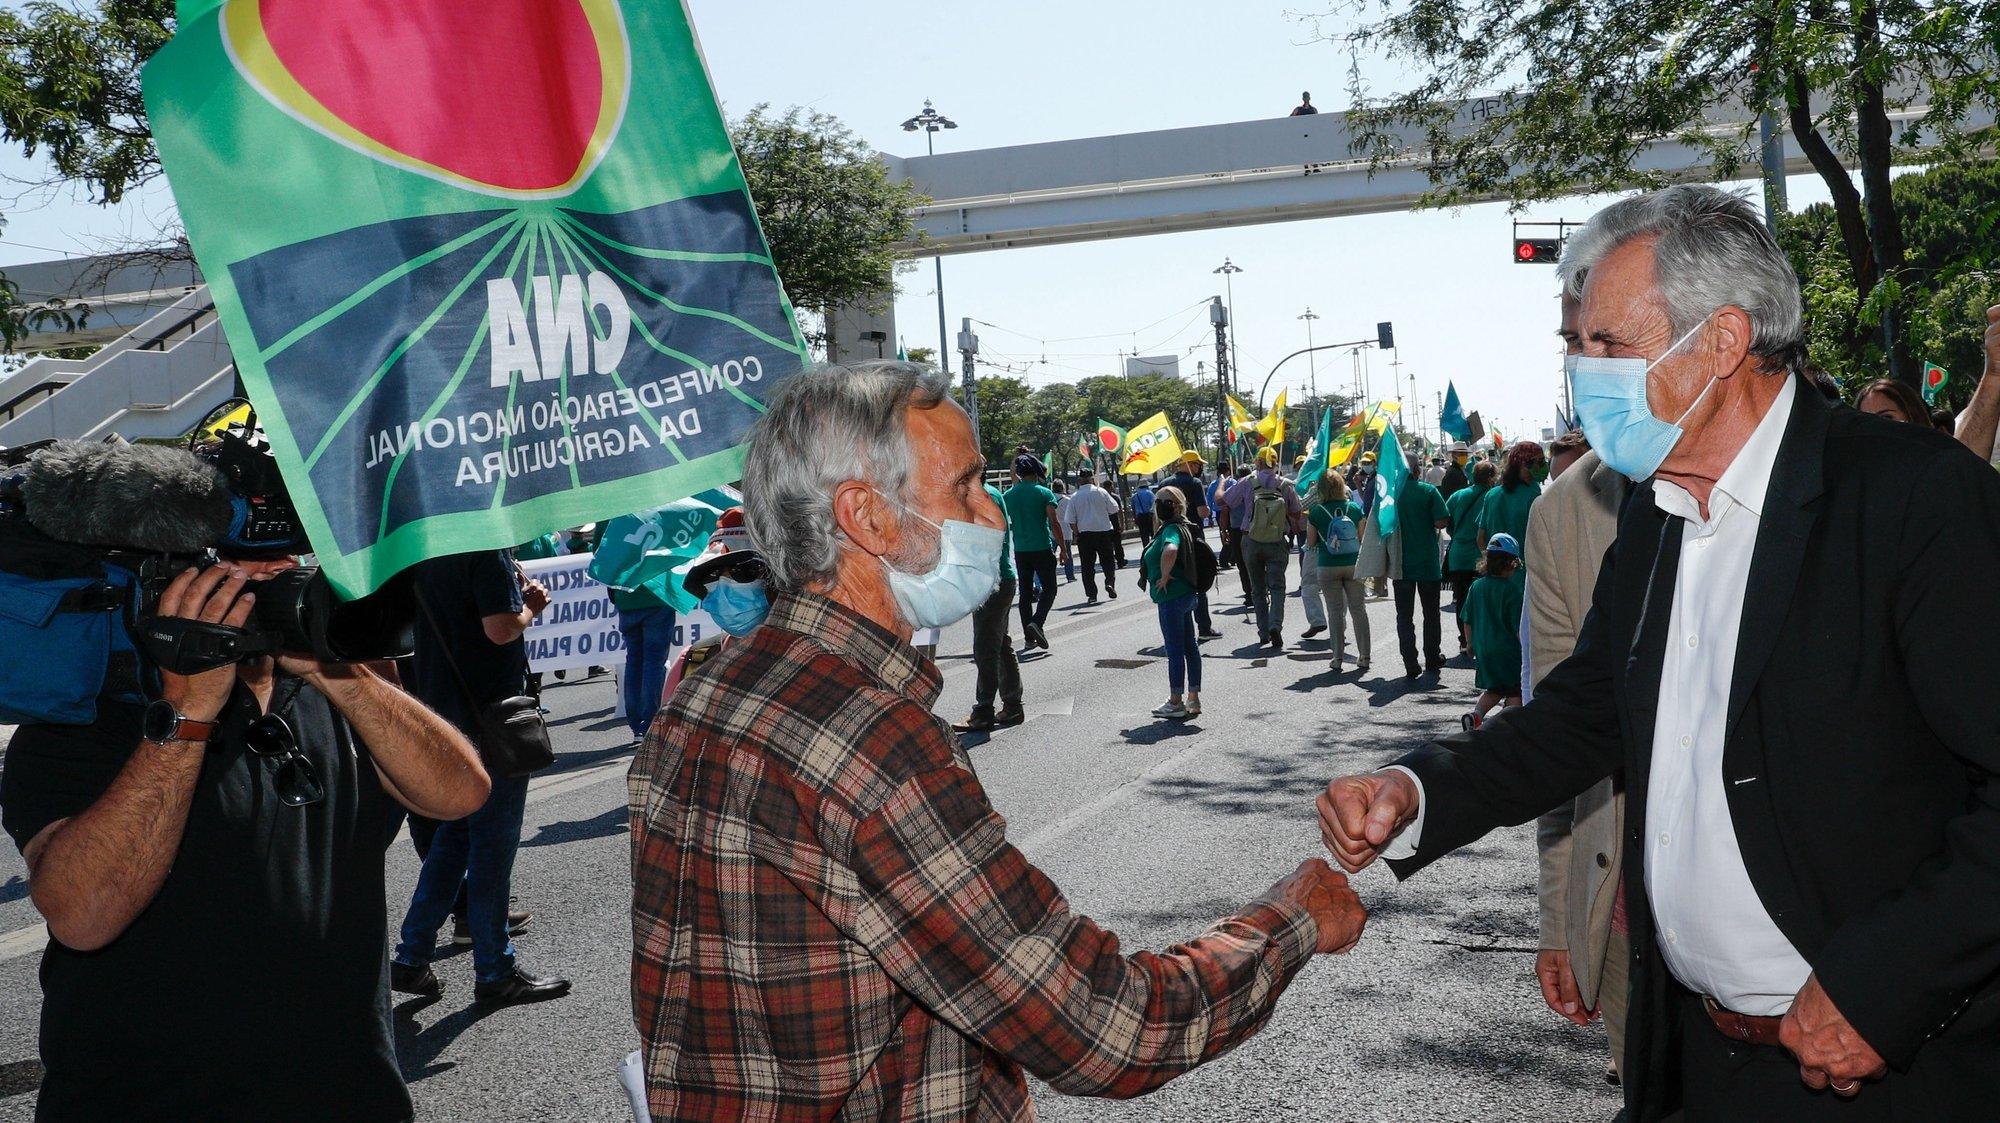 O secretário geral do PCP, Jeronimo de Sousa cumprimenta agricultores que protestam durante a manifestação convocada pela Confederação Nacional da Agricultura (CNA) em defesa de uma Política Agrícola Comum (PAC), em Lisboa, 14 de junho de 2021. O protesto conta com a presença de agricultores portugueses, espanhóis e franceses. ANTÓNIO COTRIM/LUSA